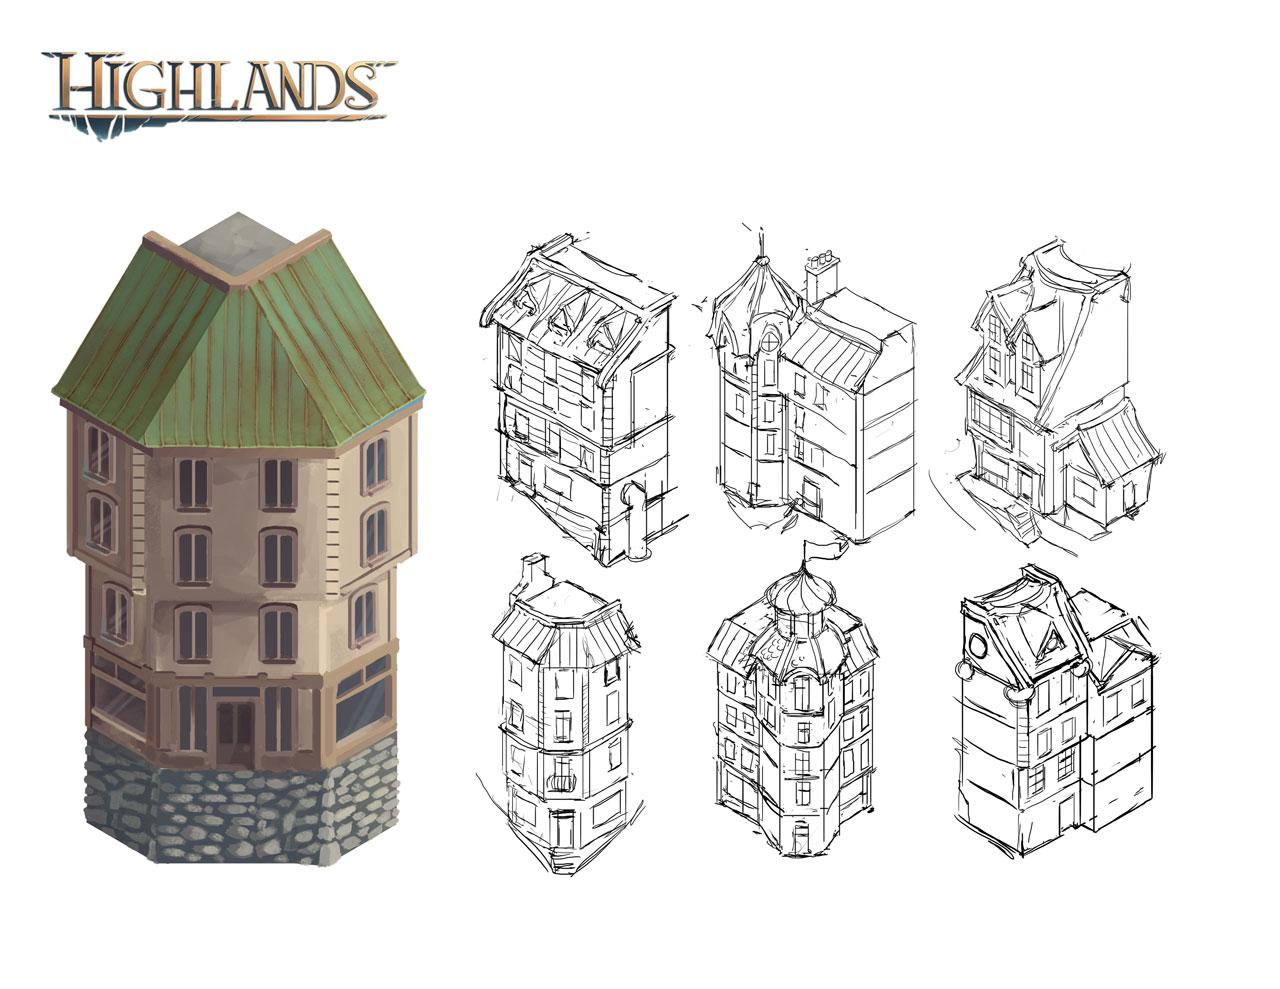 Highlands Game Assets